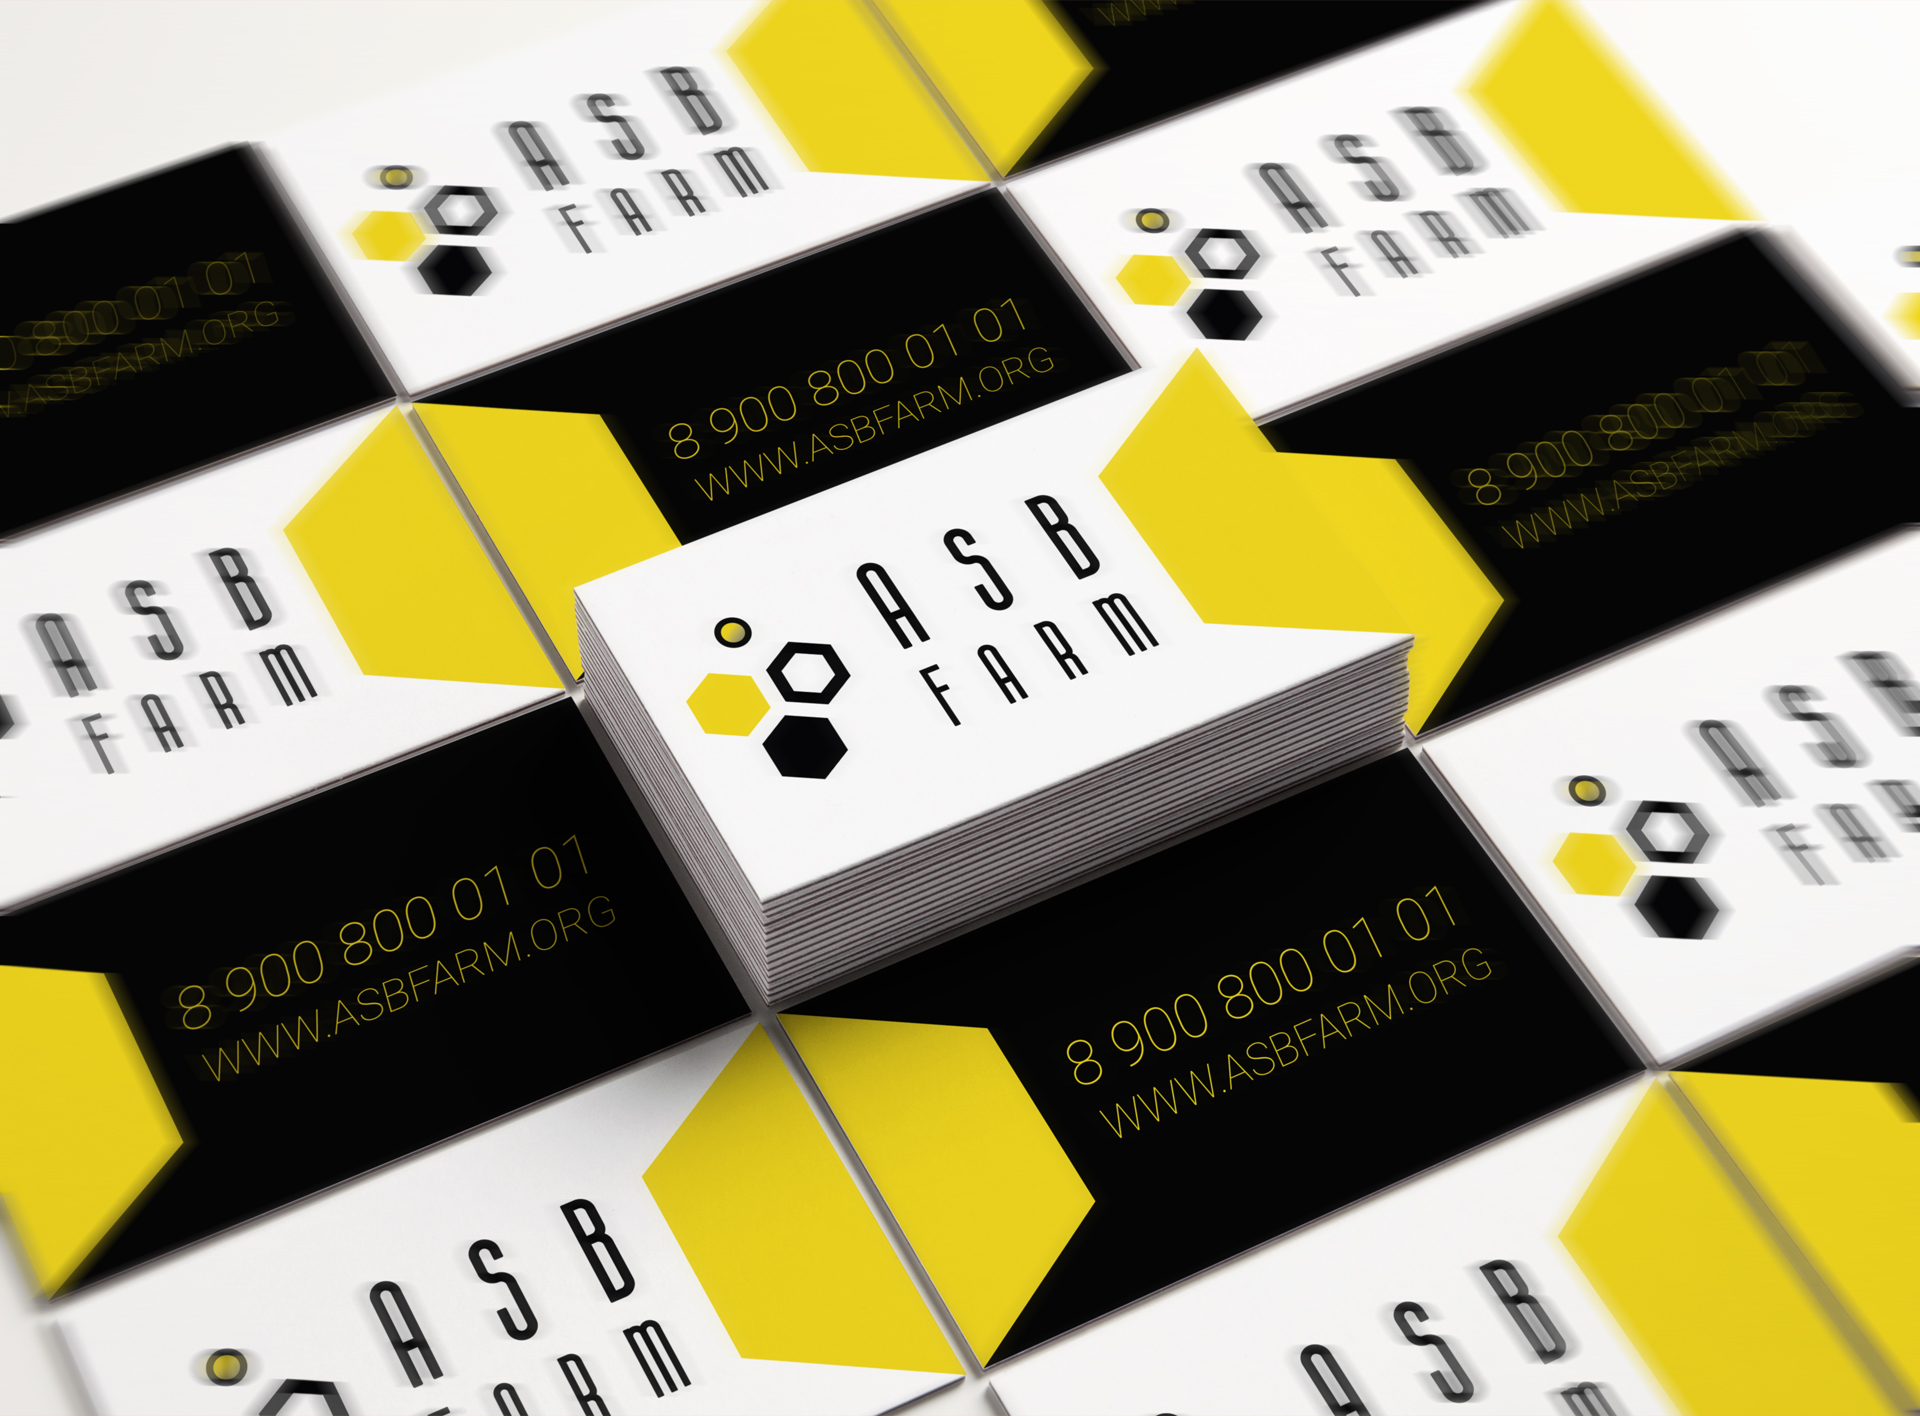 Разработка 3-4 видов логотипа фото f_2915a5a4d15a3a78.jpg